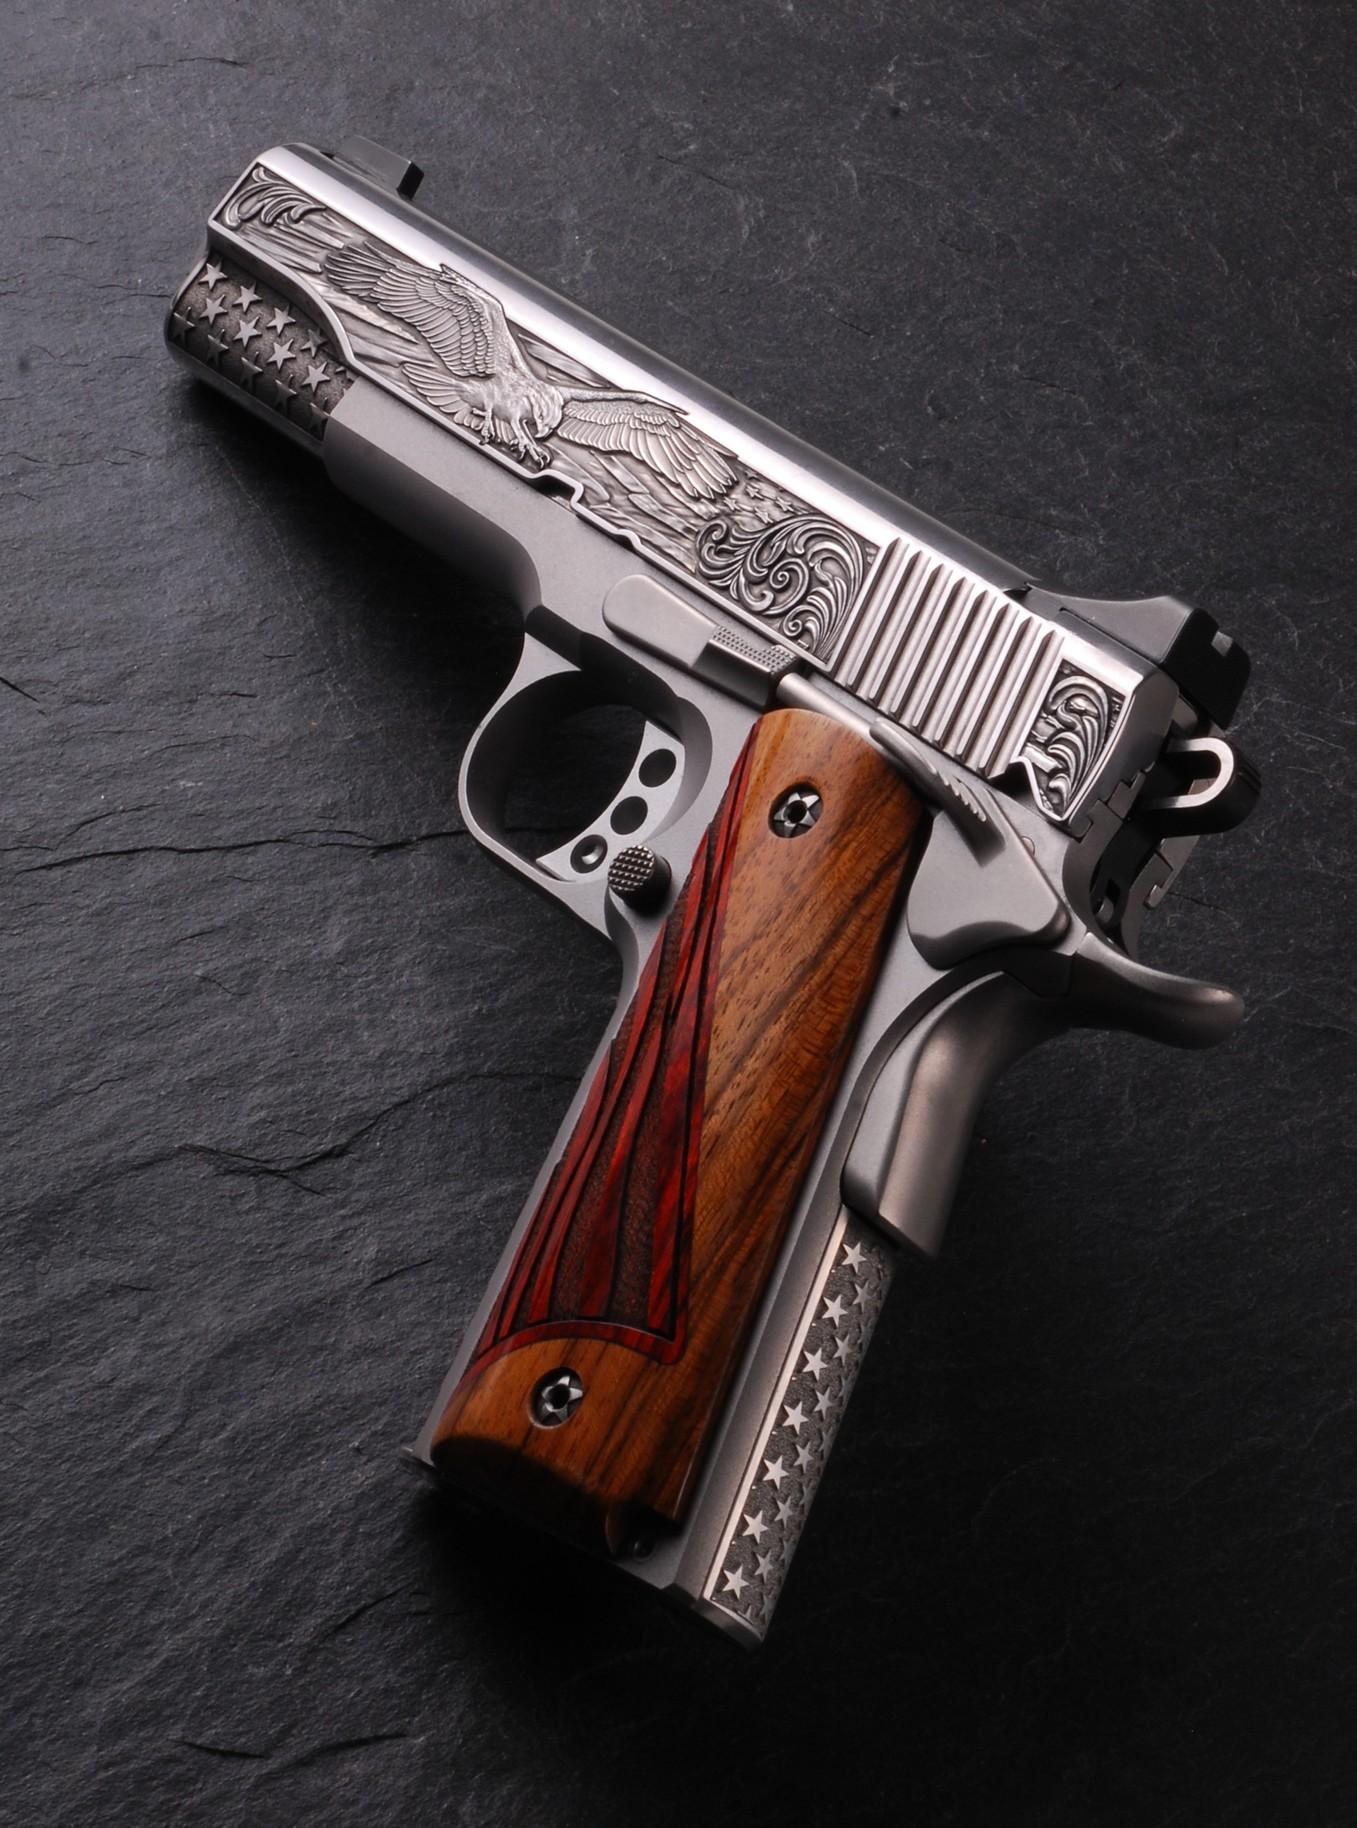 Kimber gun giveaway